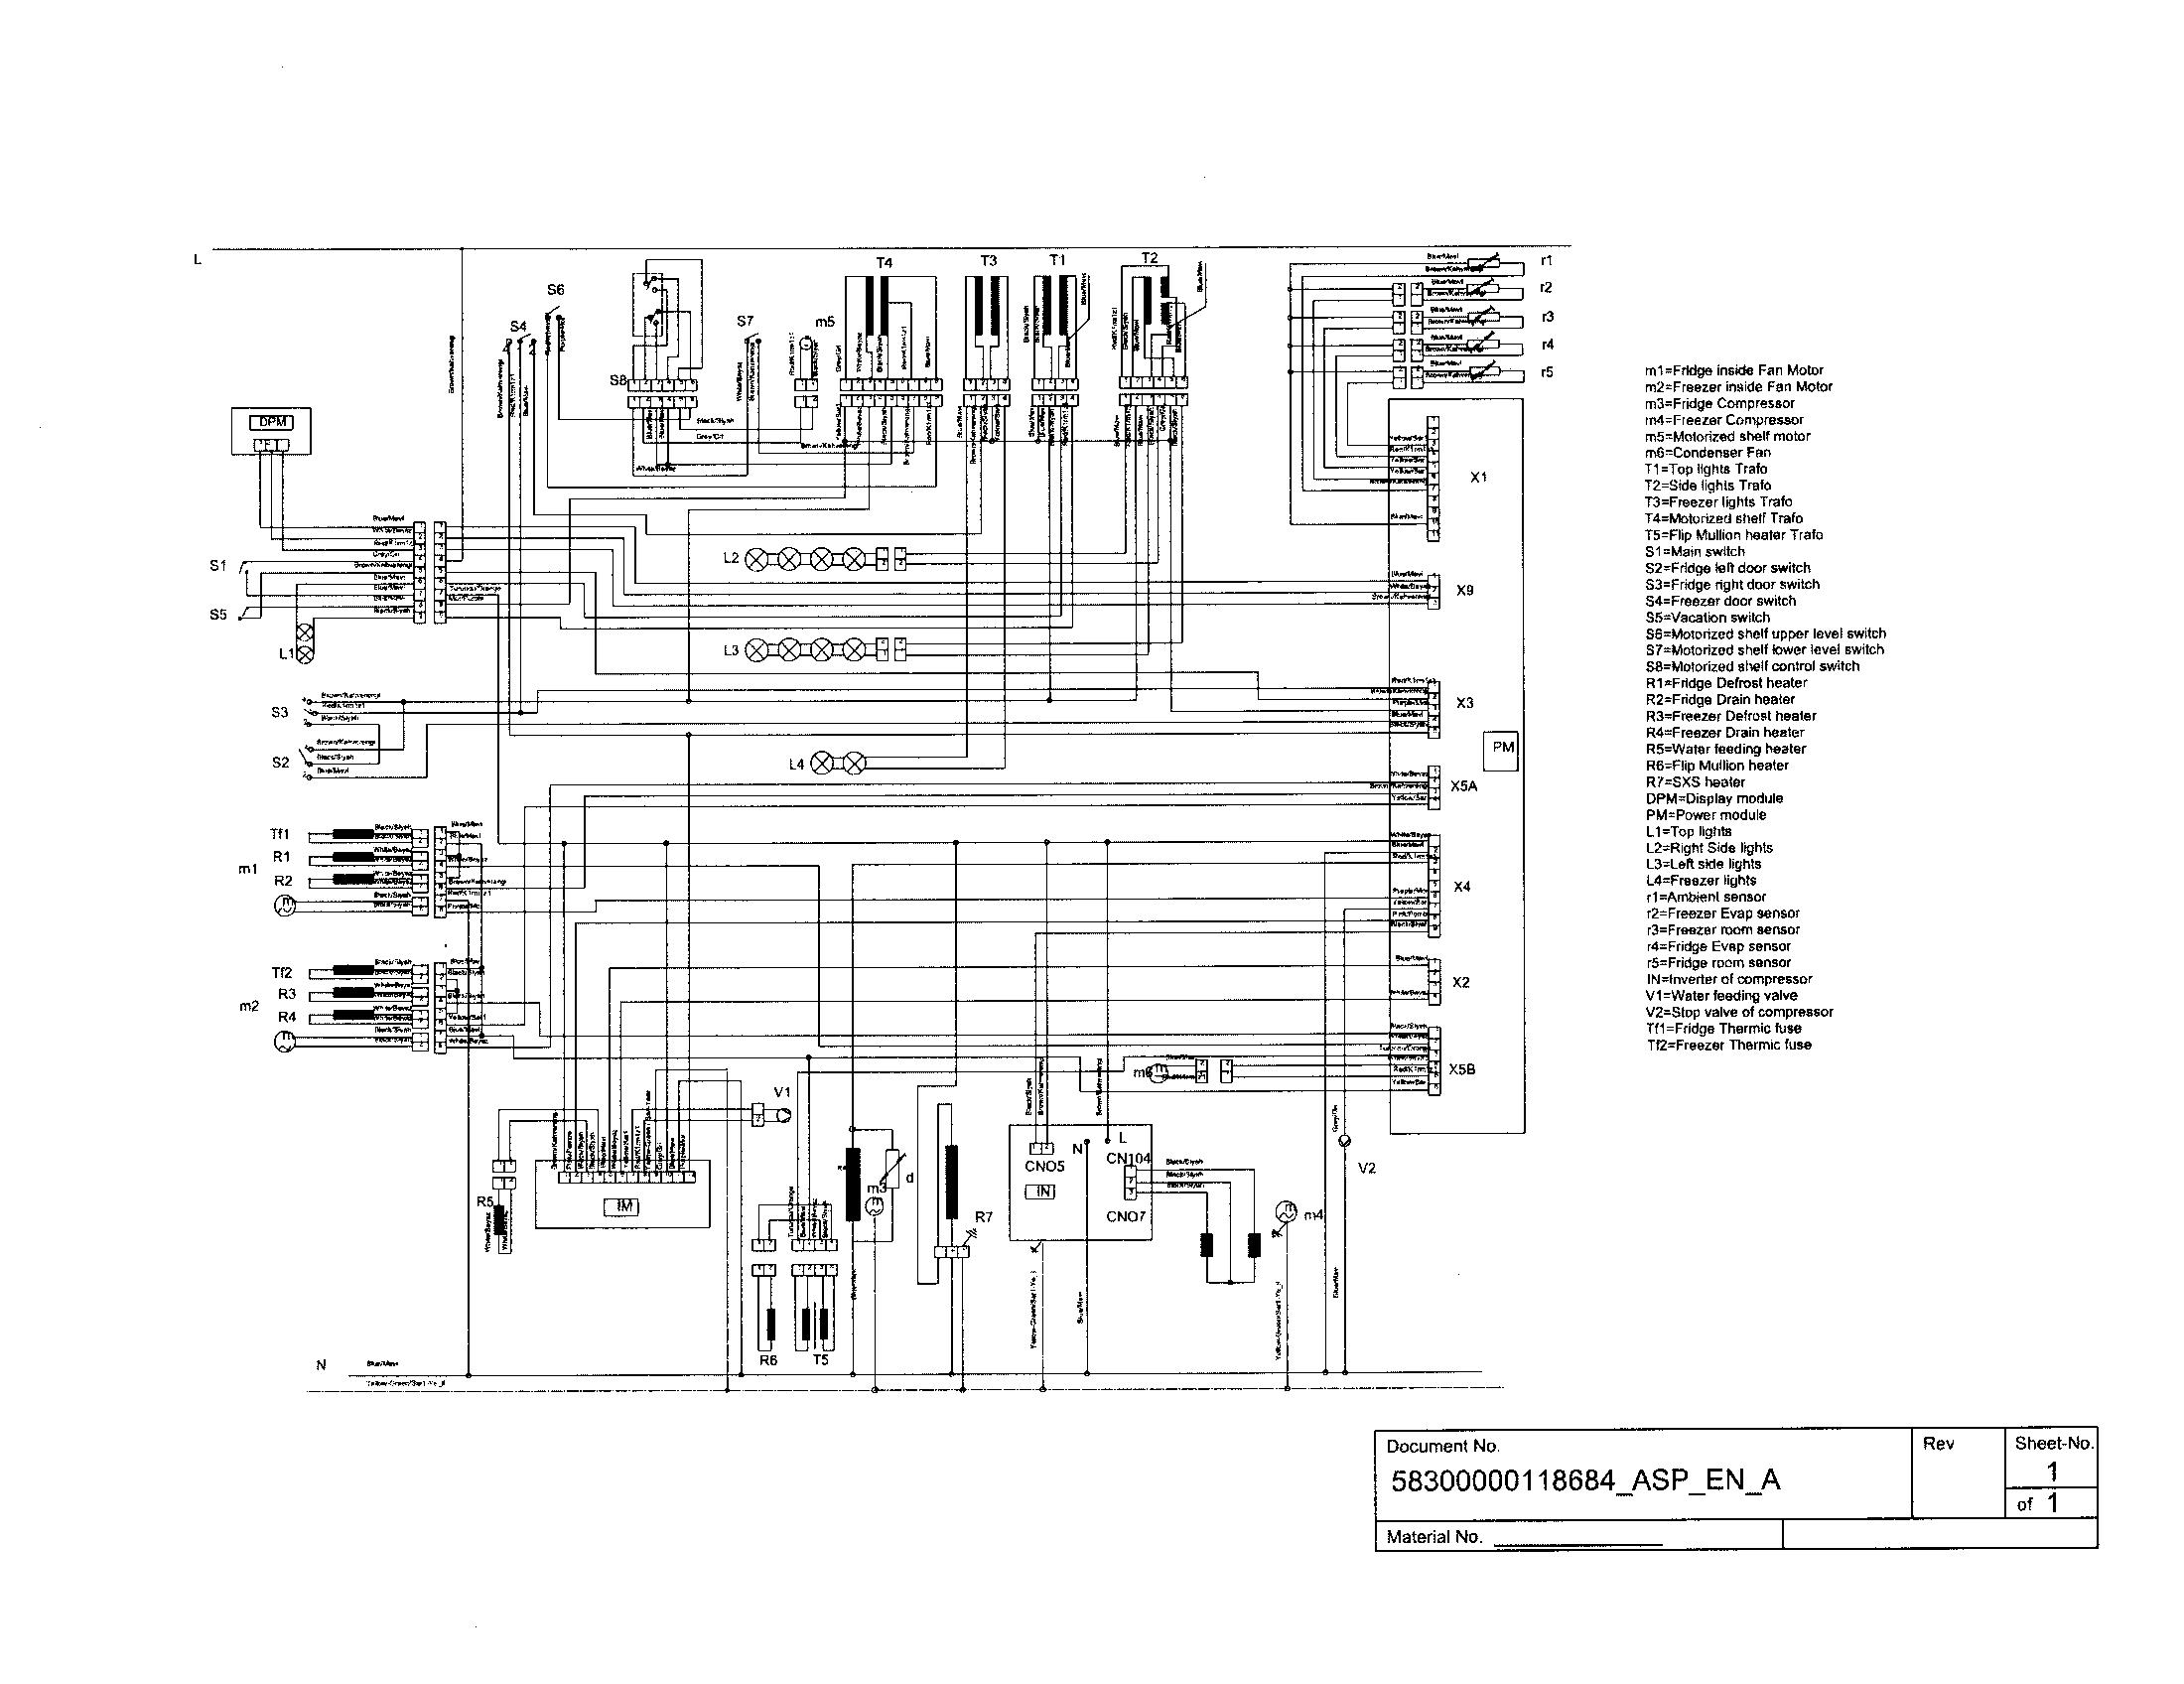 hight resolution of traulsen wiring schematics wiring diagrams bibwiring traulsen diagram rhf132wp hhs wiring diagram centre traulsen wiring schematics